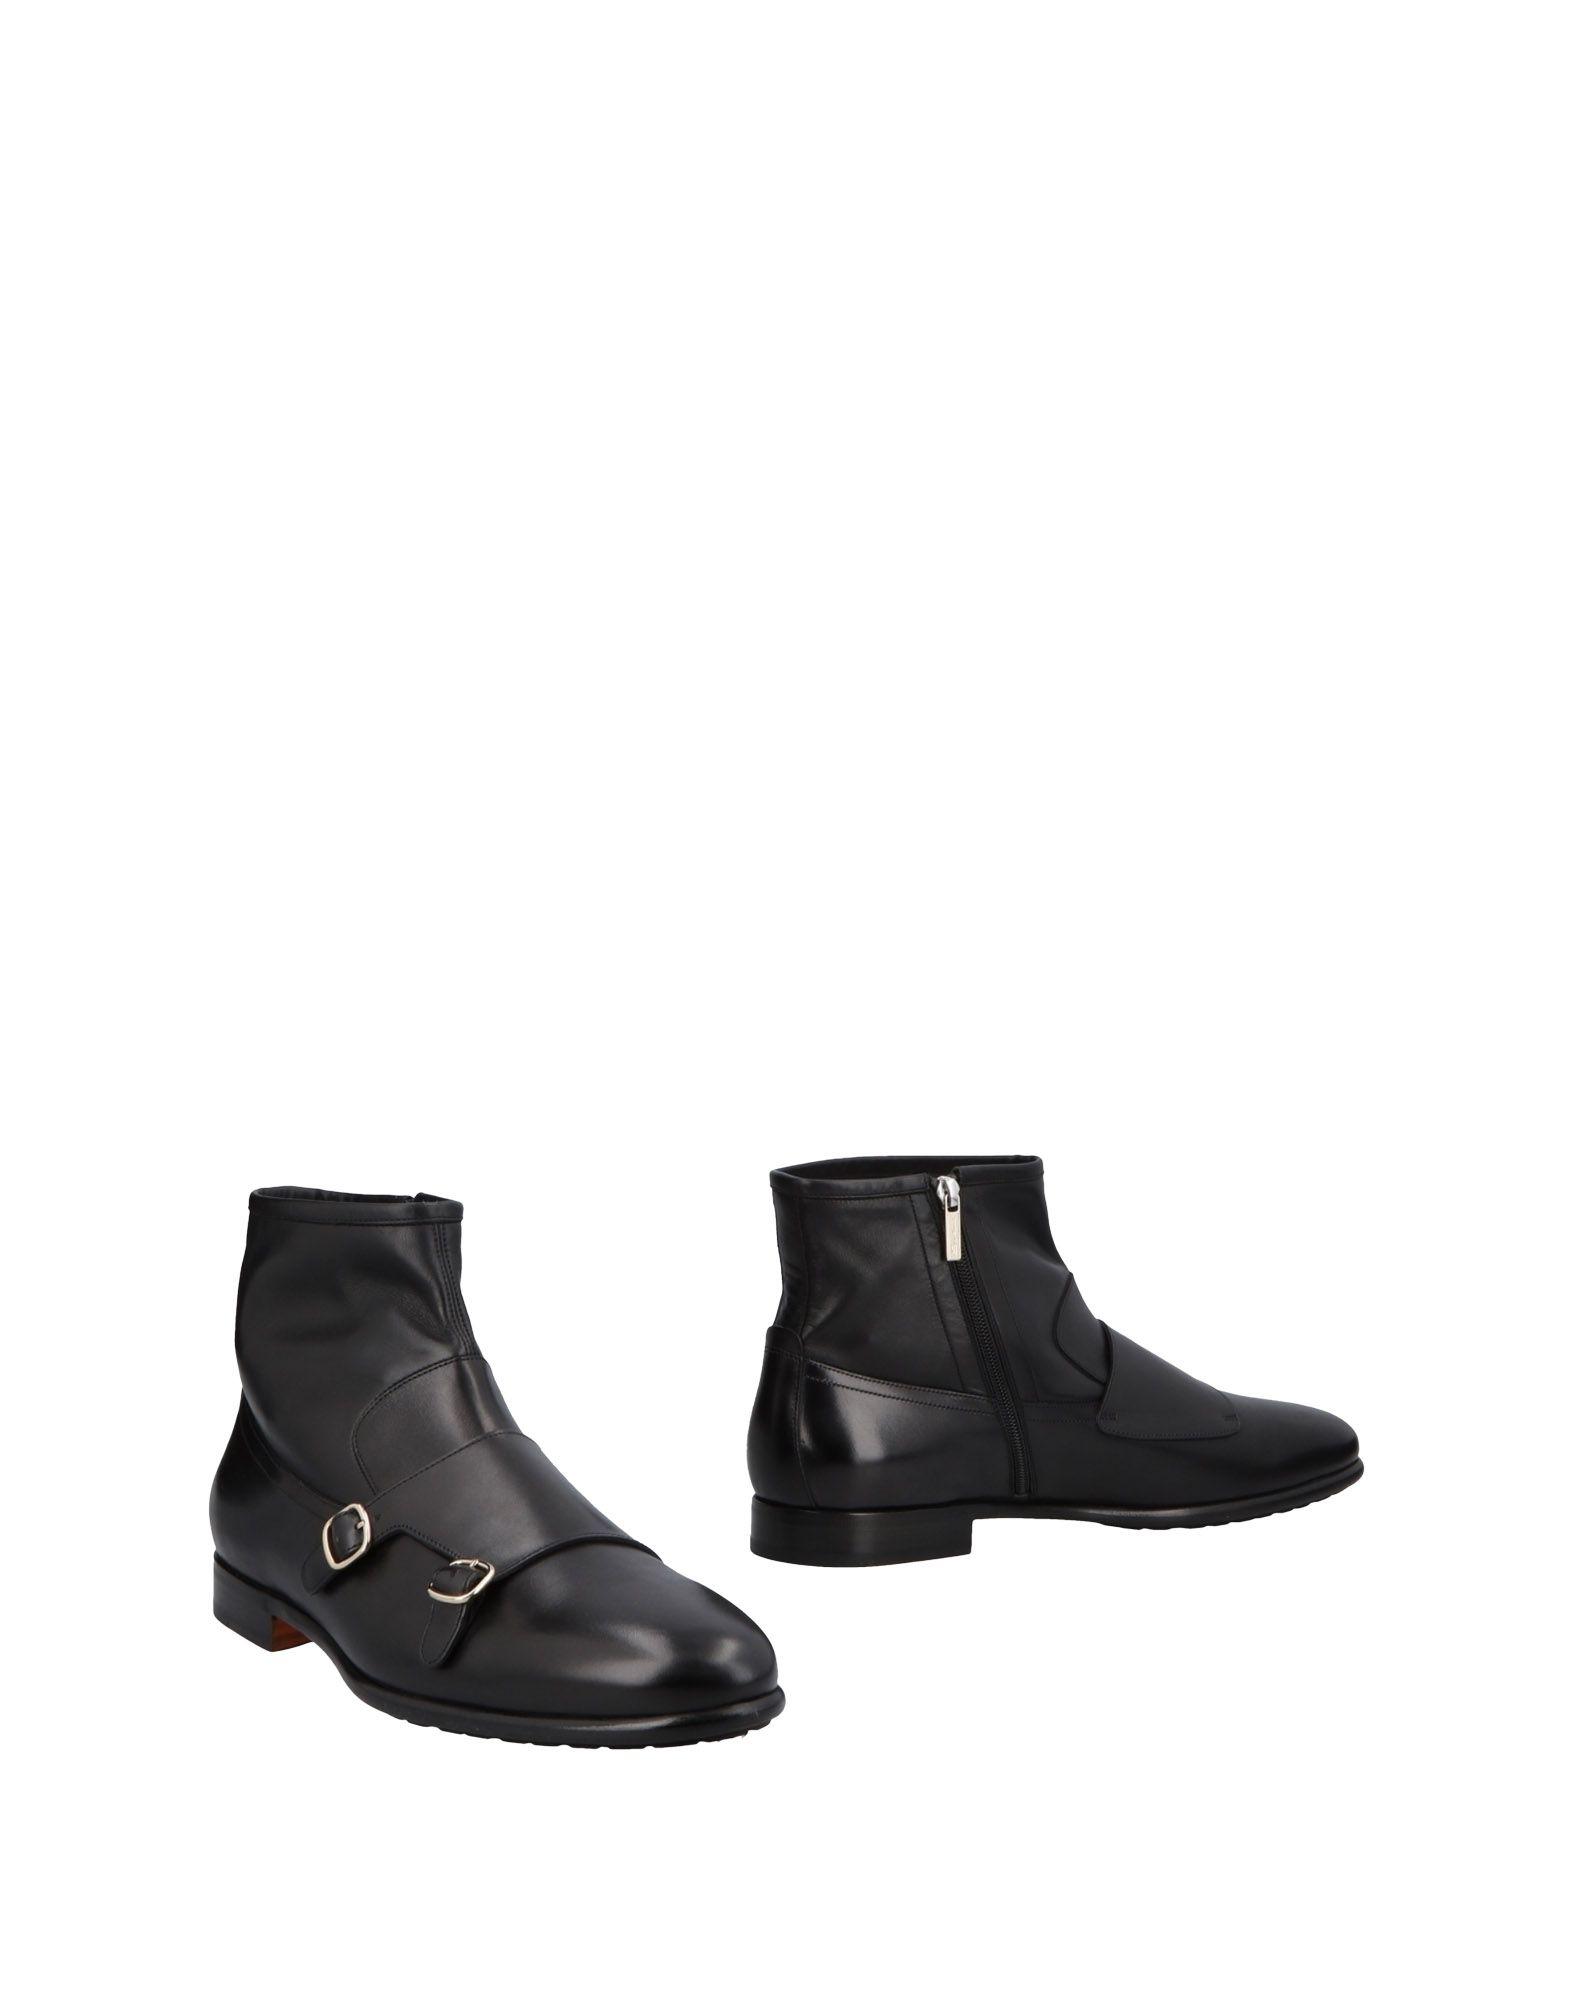 Santoni Stiefelette Herren  11479054NX Gute Qualität beliebte Schuhe